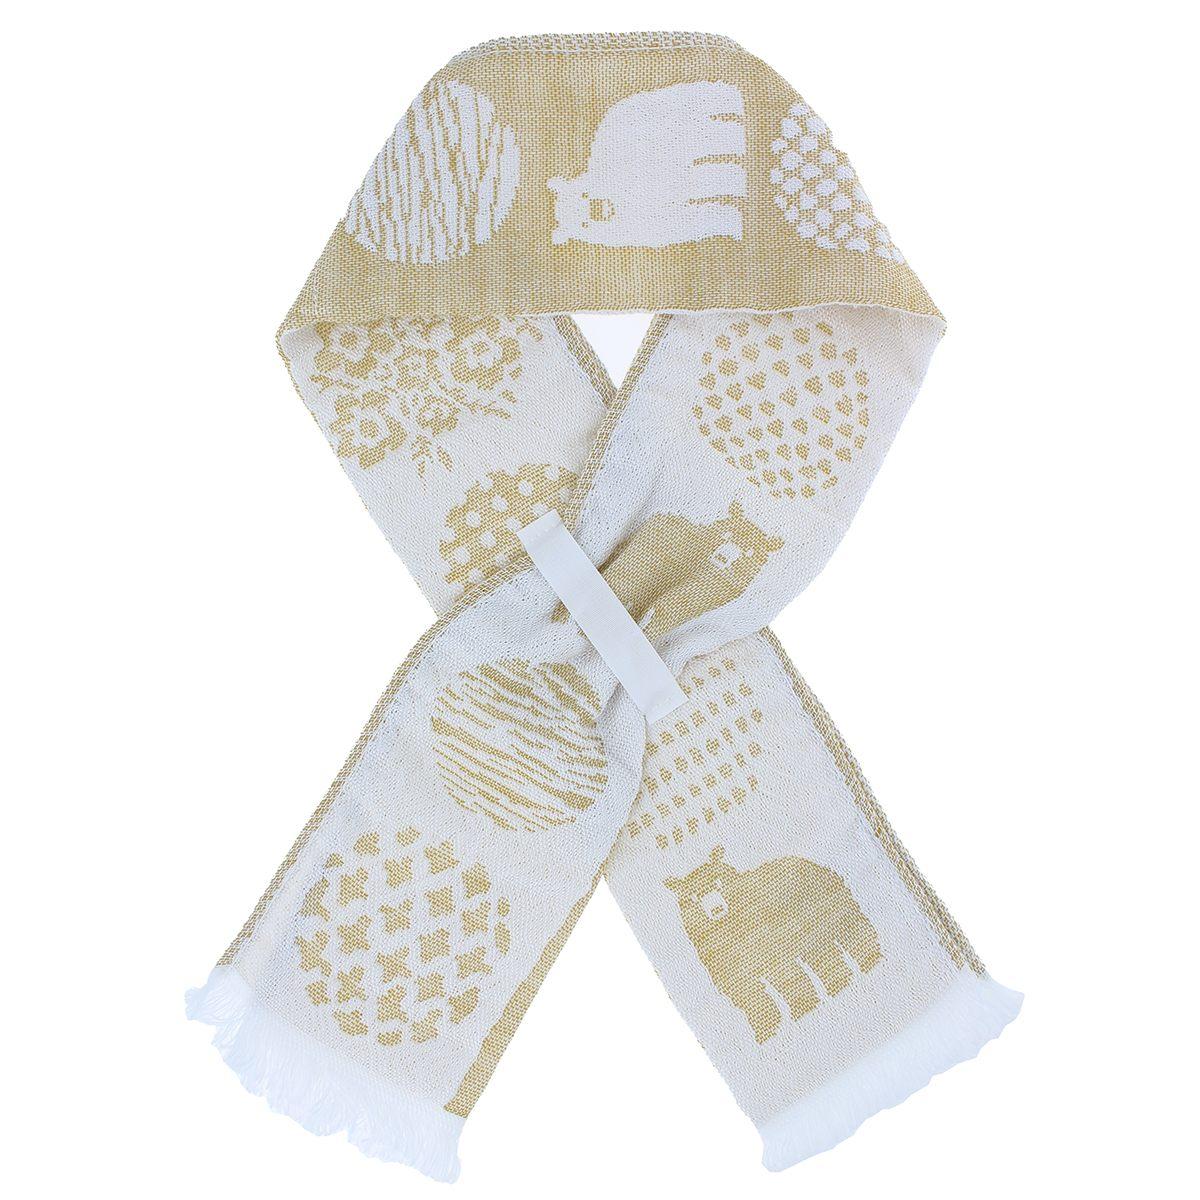 クールタオル 保冷剤付き マフラータオル クールマフラー ひんやり クール糸 ガーゼタオル レディース 子供 日本製 洗濯OK かわいい 熱中症対策 アウトドア